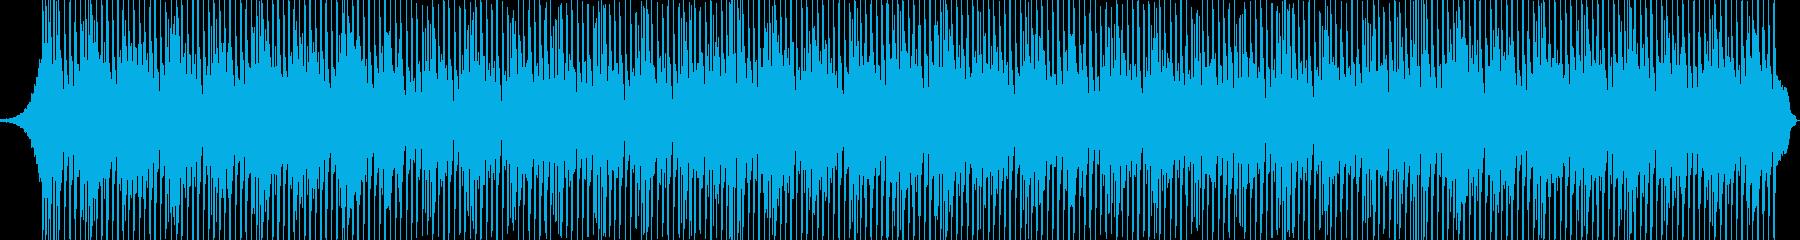 【クリスマス】ラミーなアイコの再生済みの波形